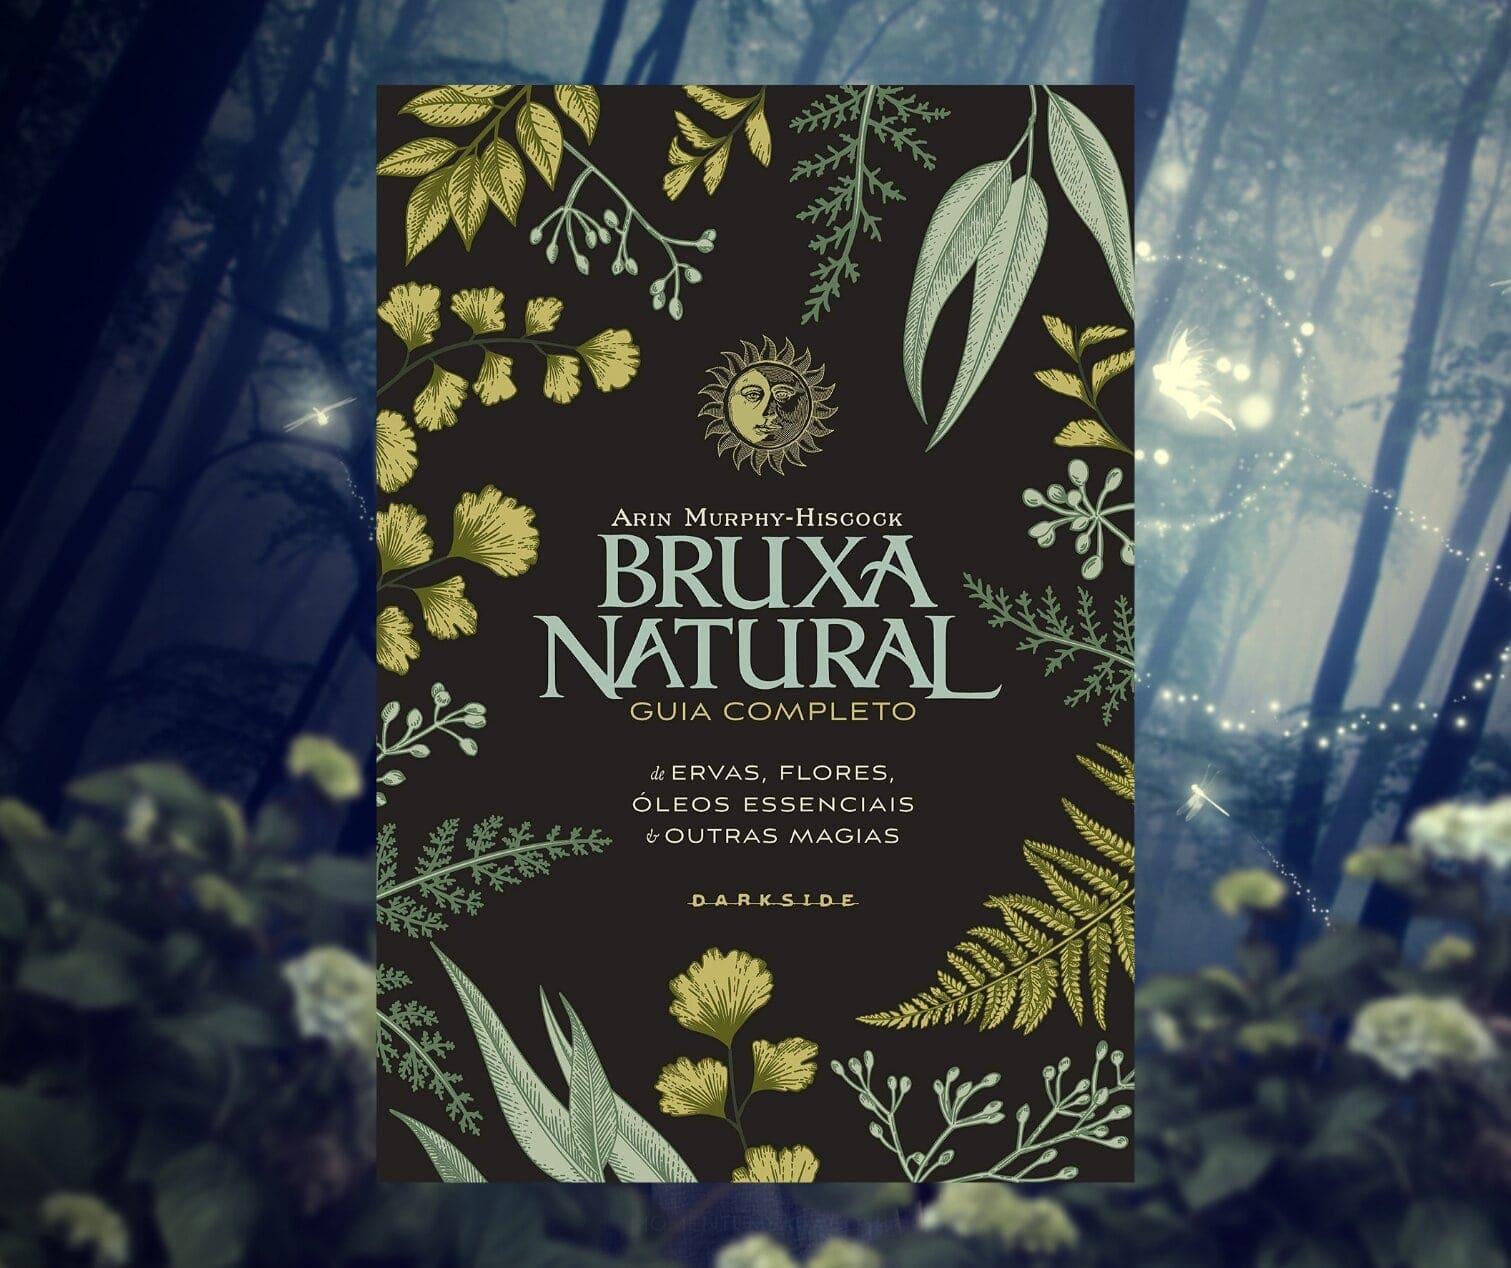 Resenha: Bruxa Natural, de Arin Murphy-Hiscock